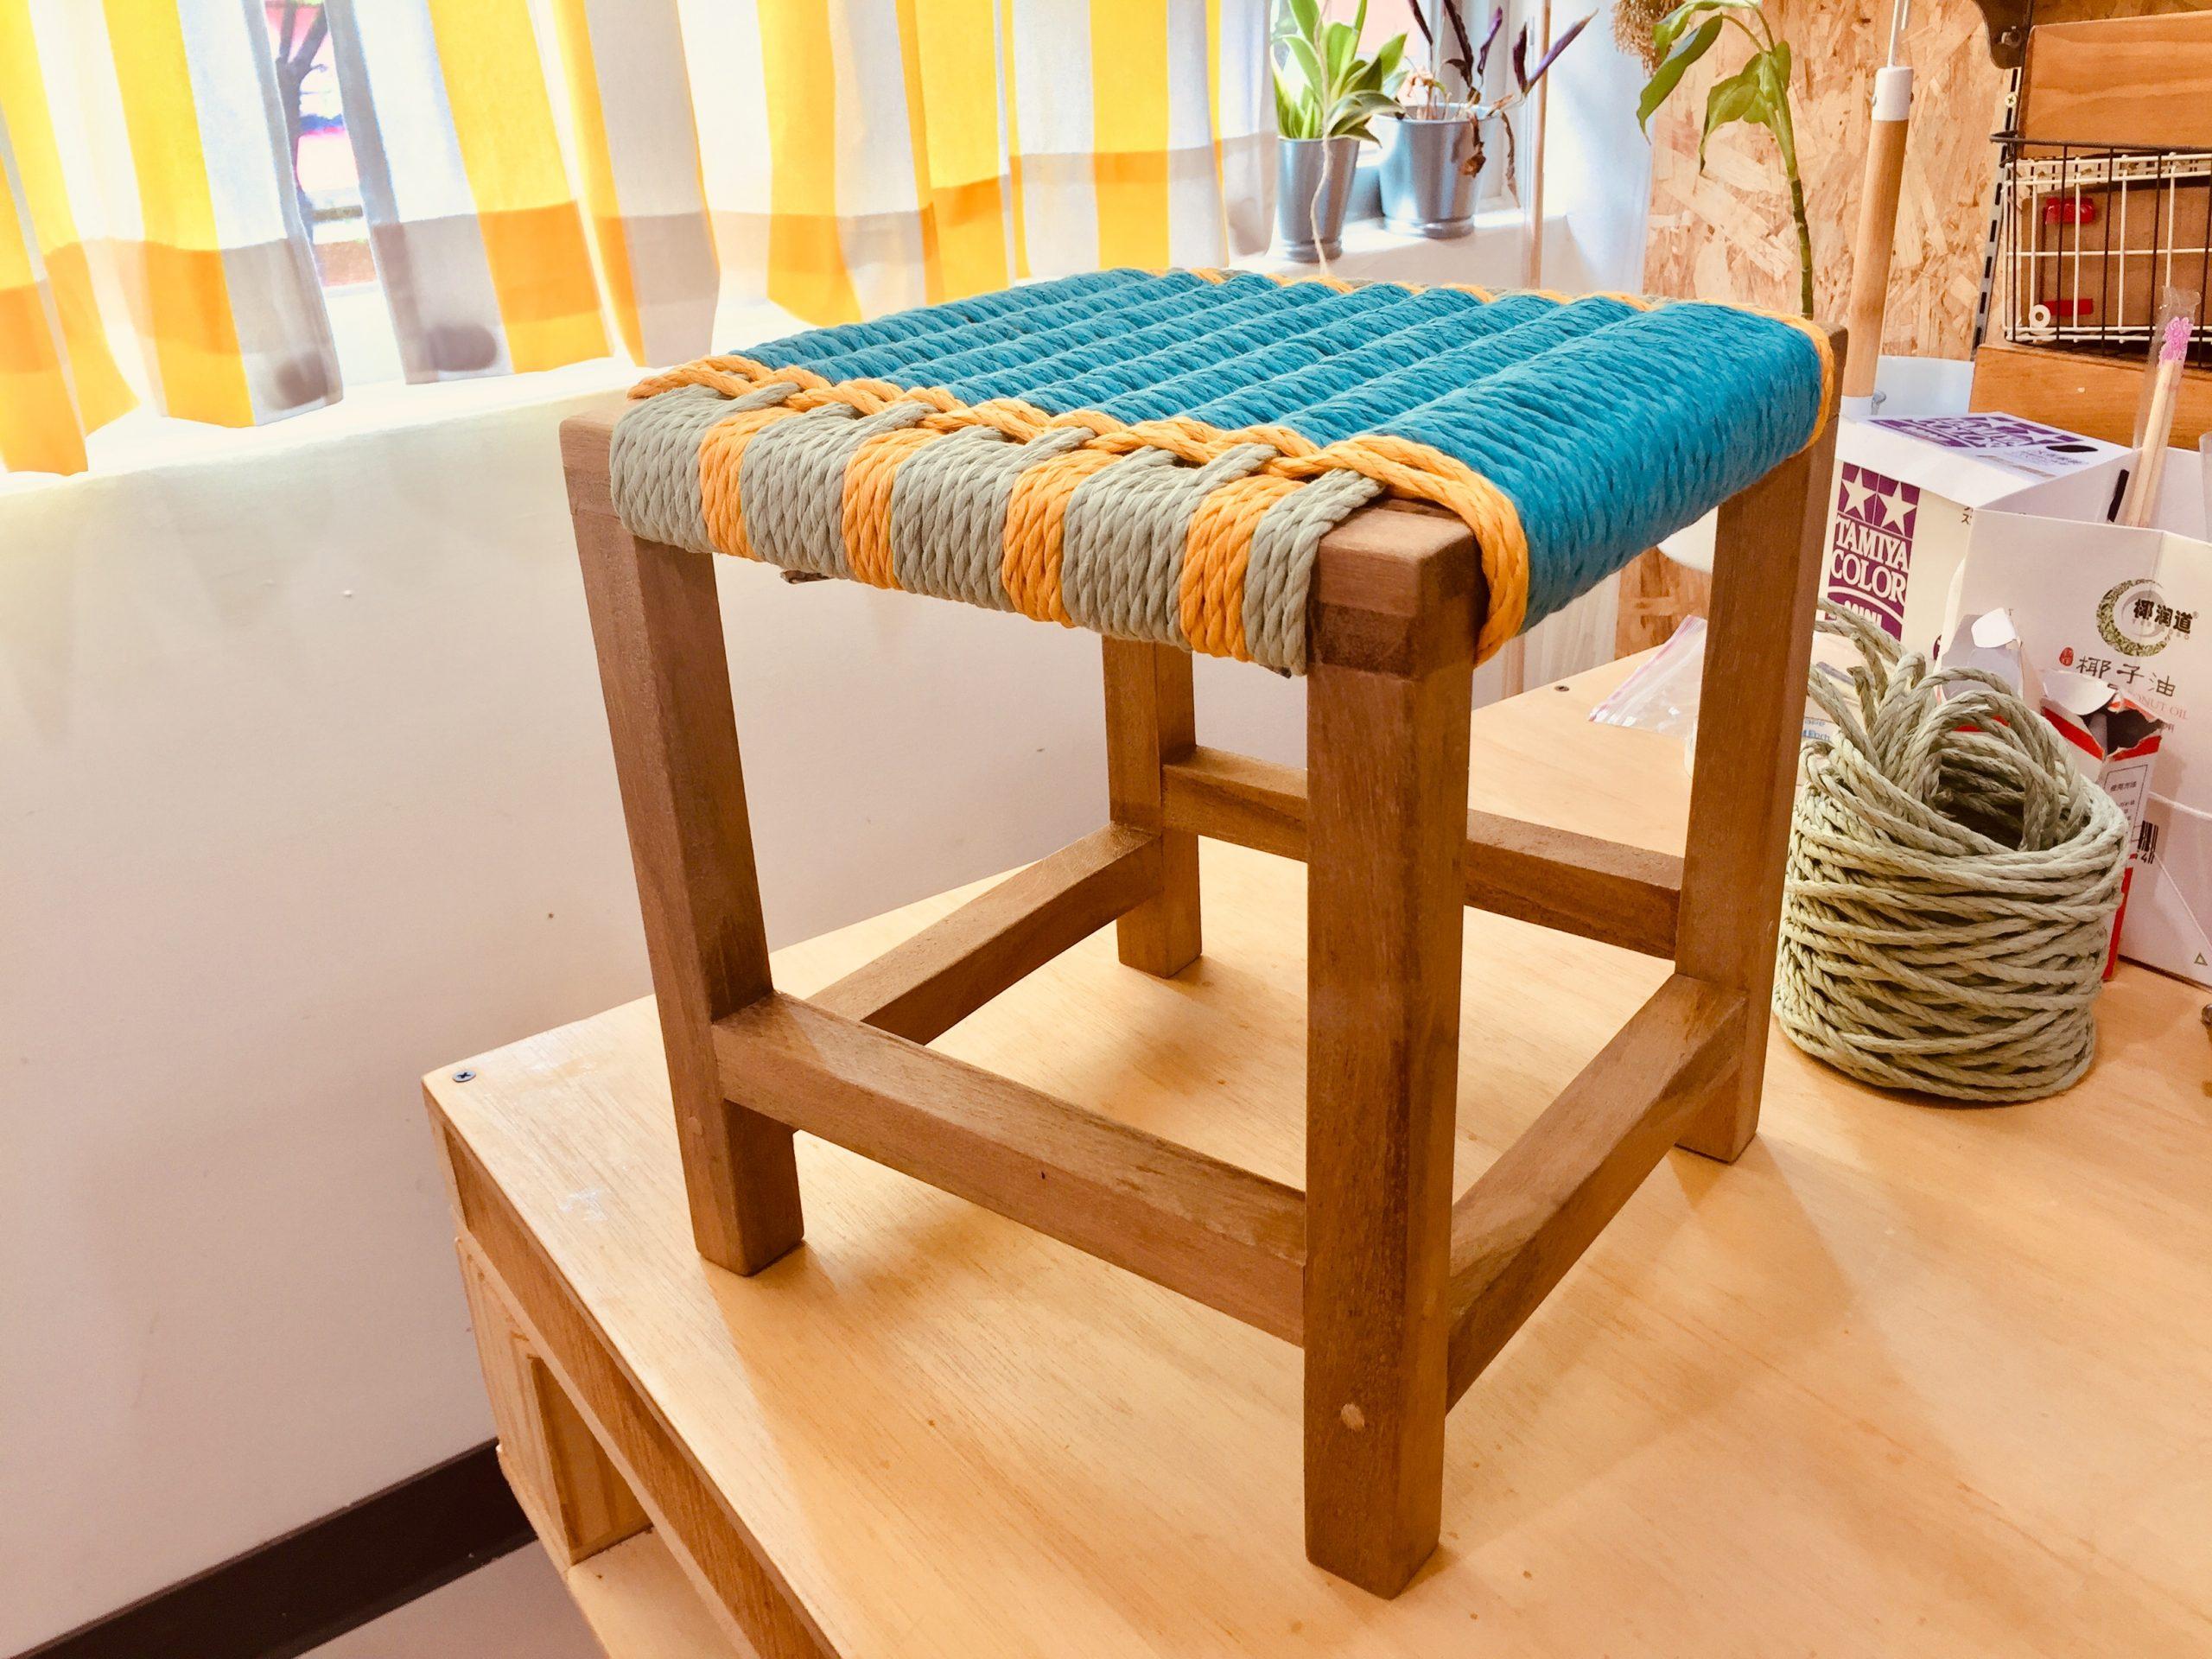 來一張傳家的板凳吧!親手自造編織椅凳!!